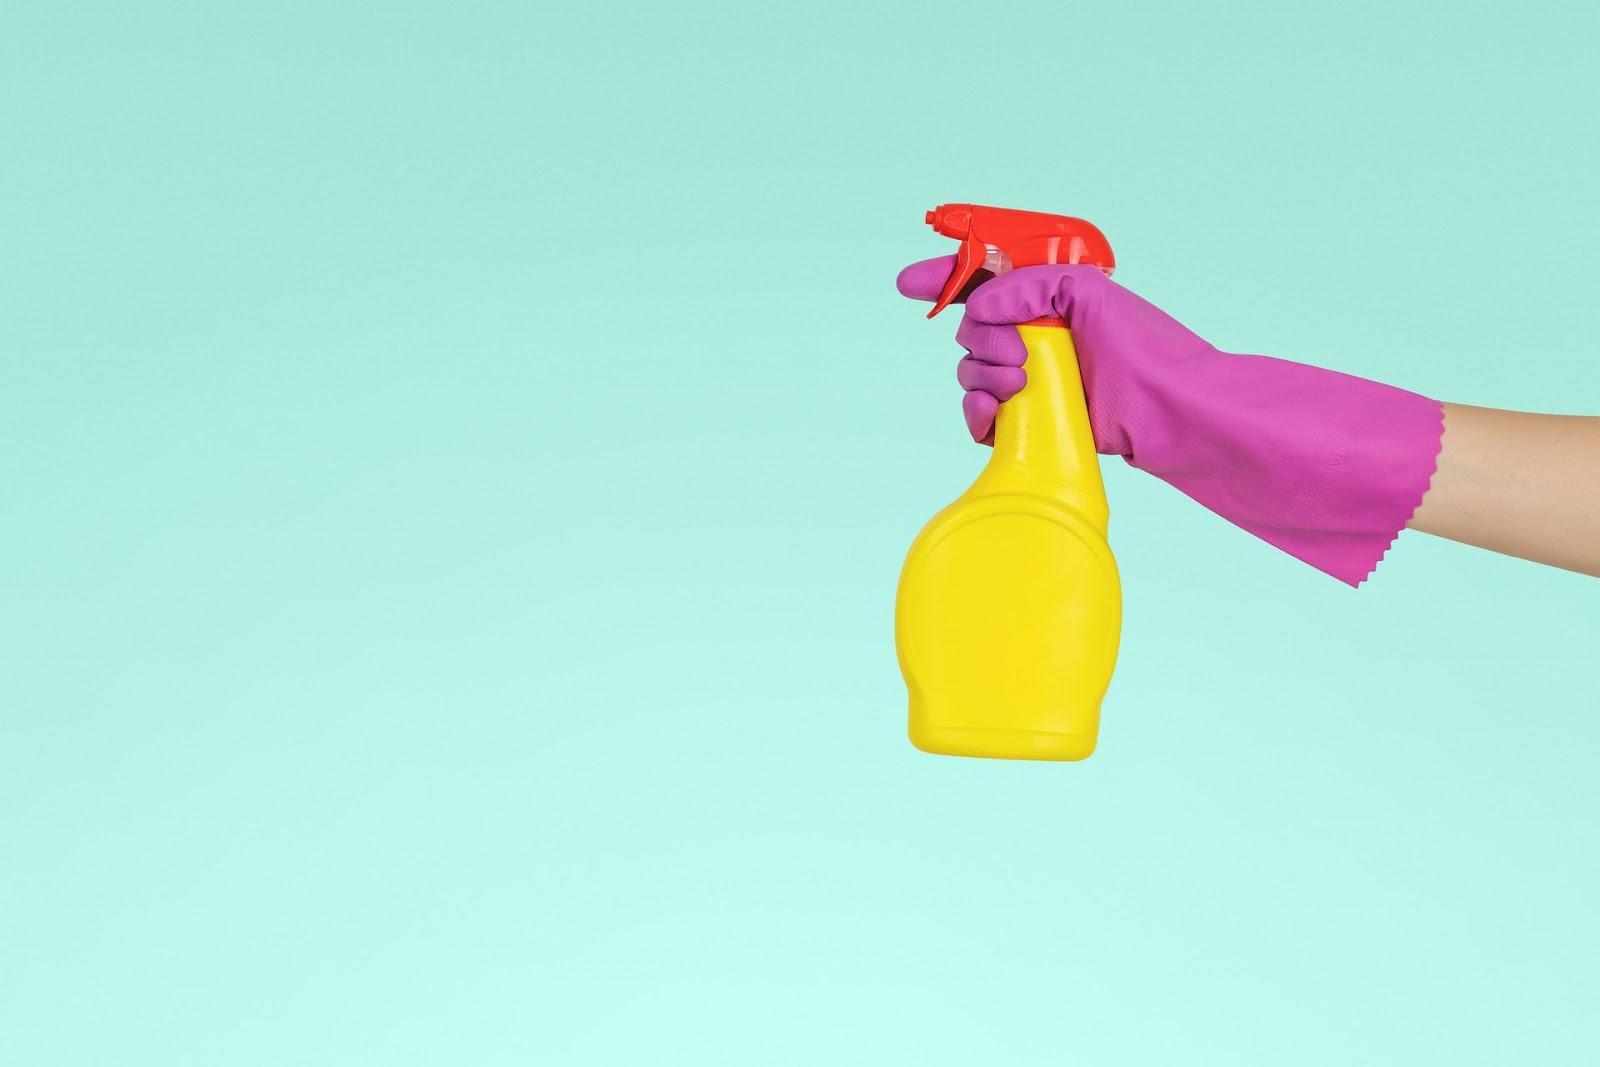 Wie viele Zimmer reinigt ein Zimmermädchen durchschnittlich pro Tag?